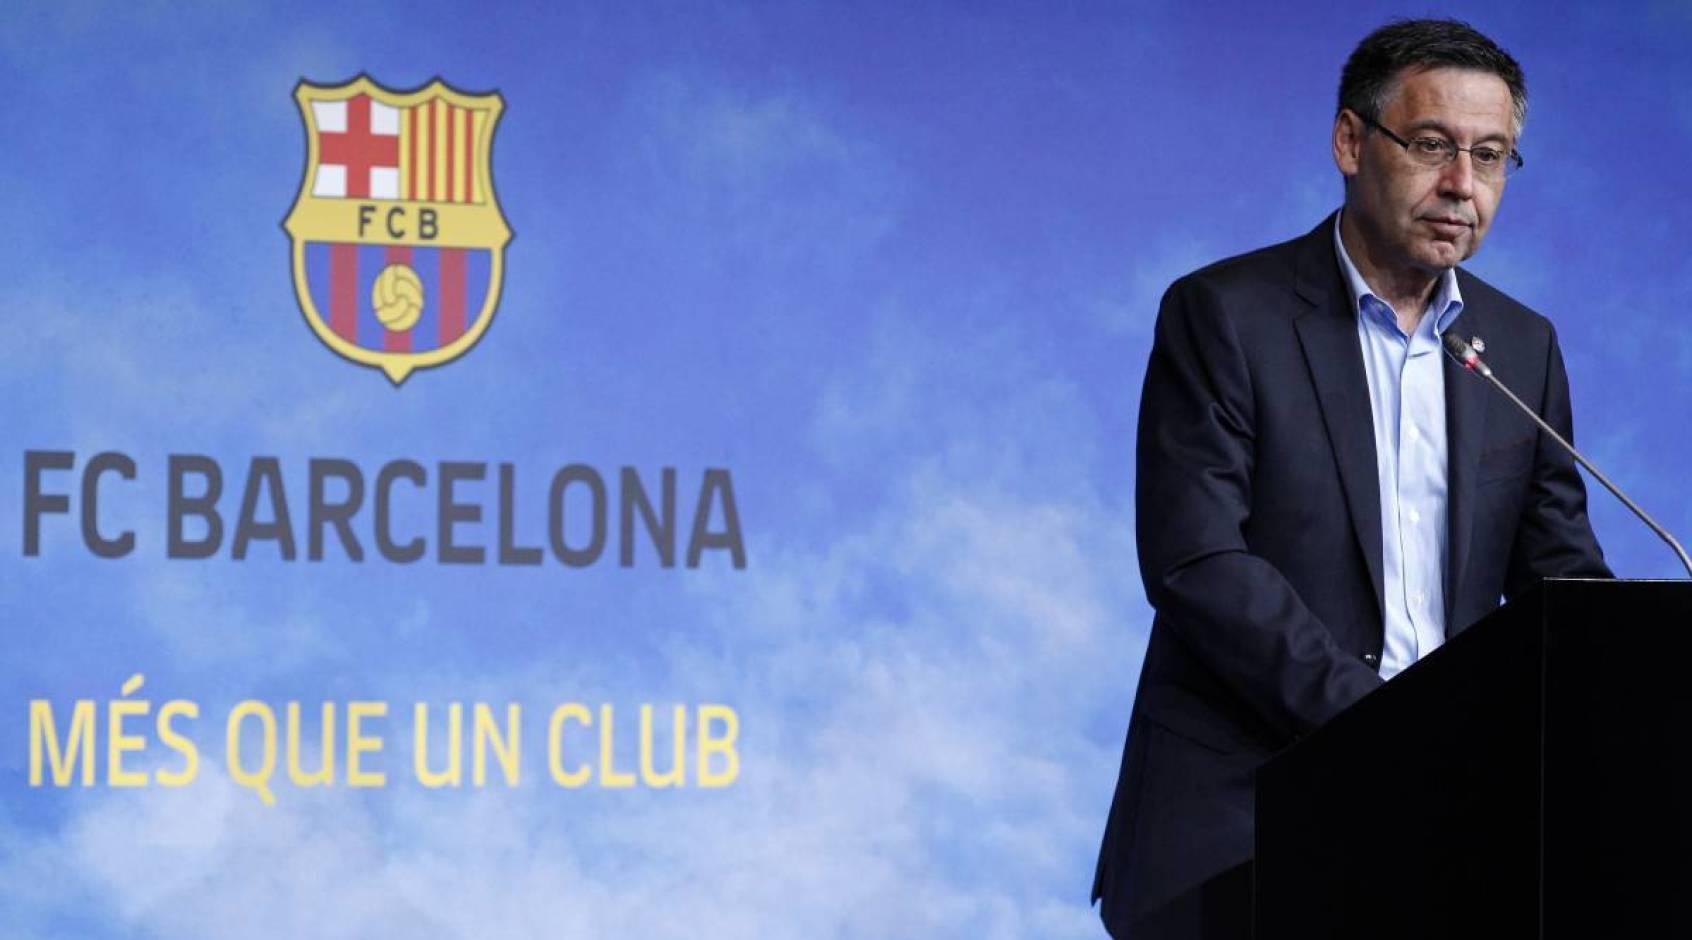 """Экс-президент """"Барселоны"""" Бартомеу, проведший ночь в полиции, отпущен под залог"""